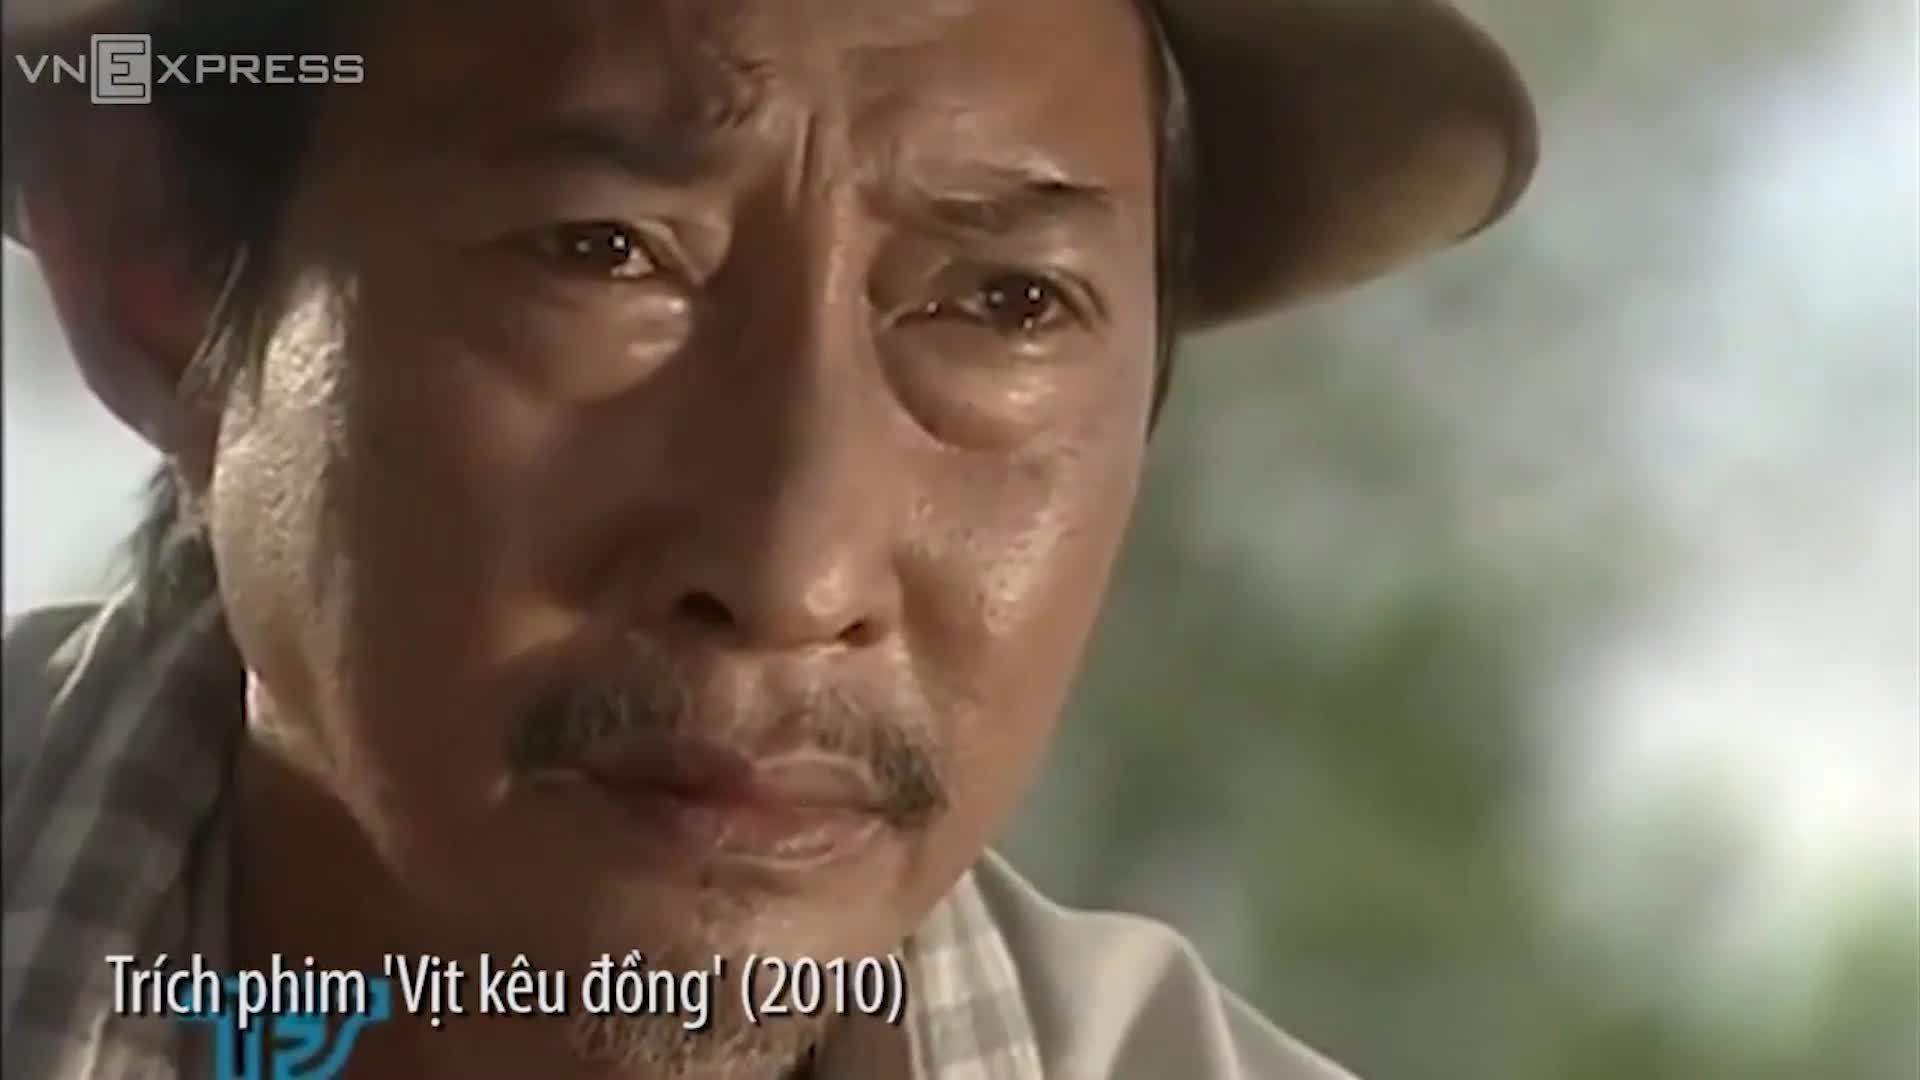 Trích đoạn phim Nghệ sĩ Lê Bình